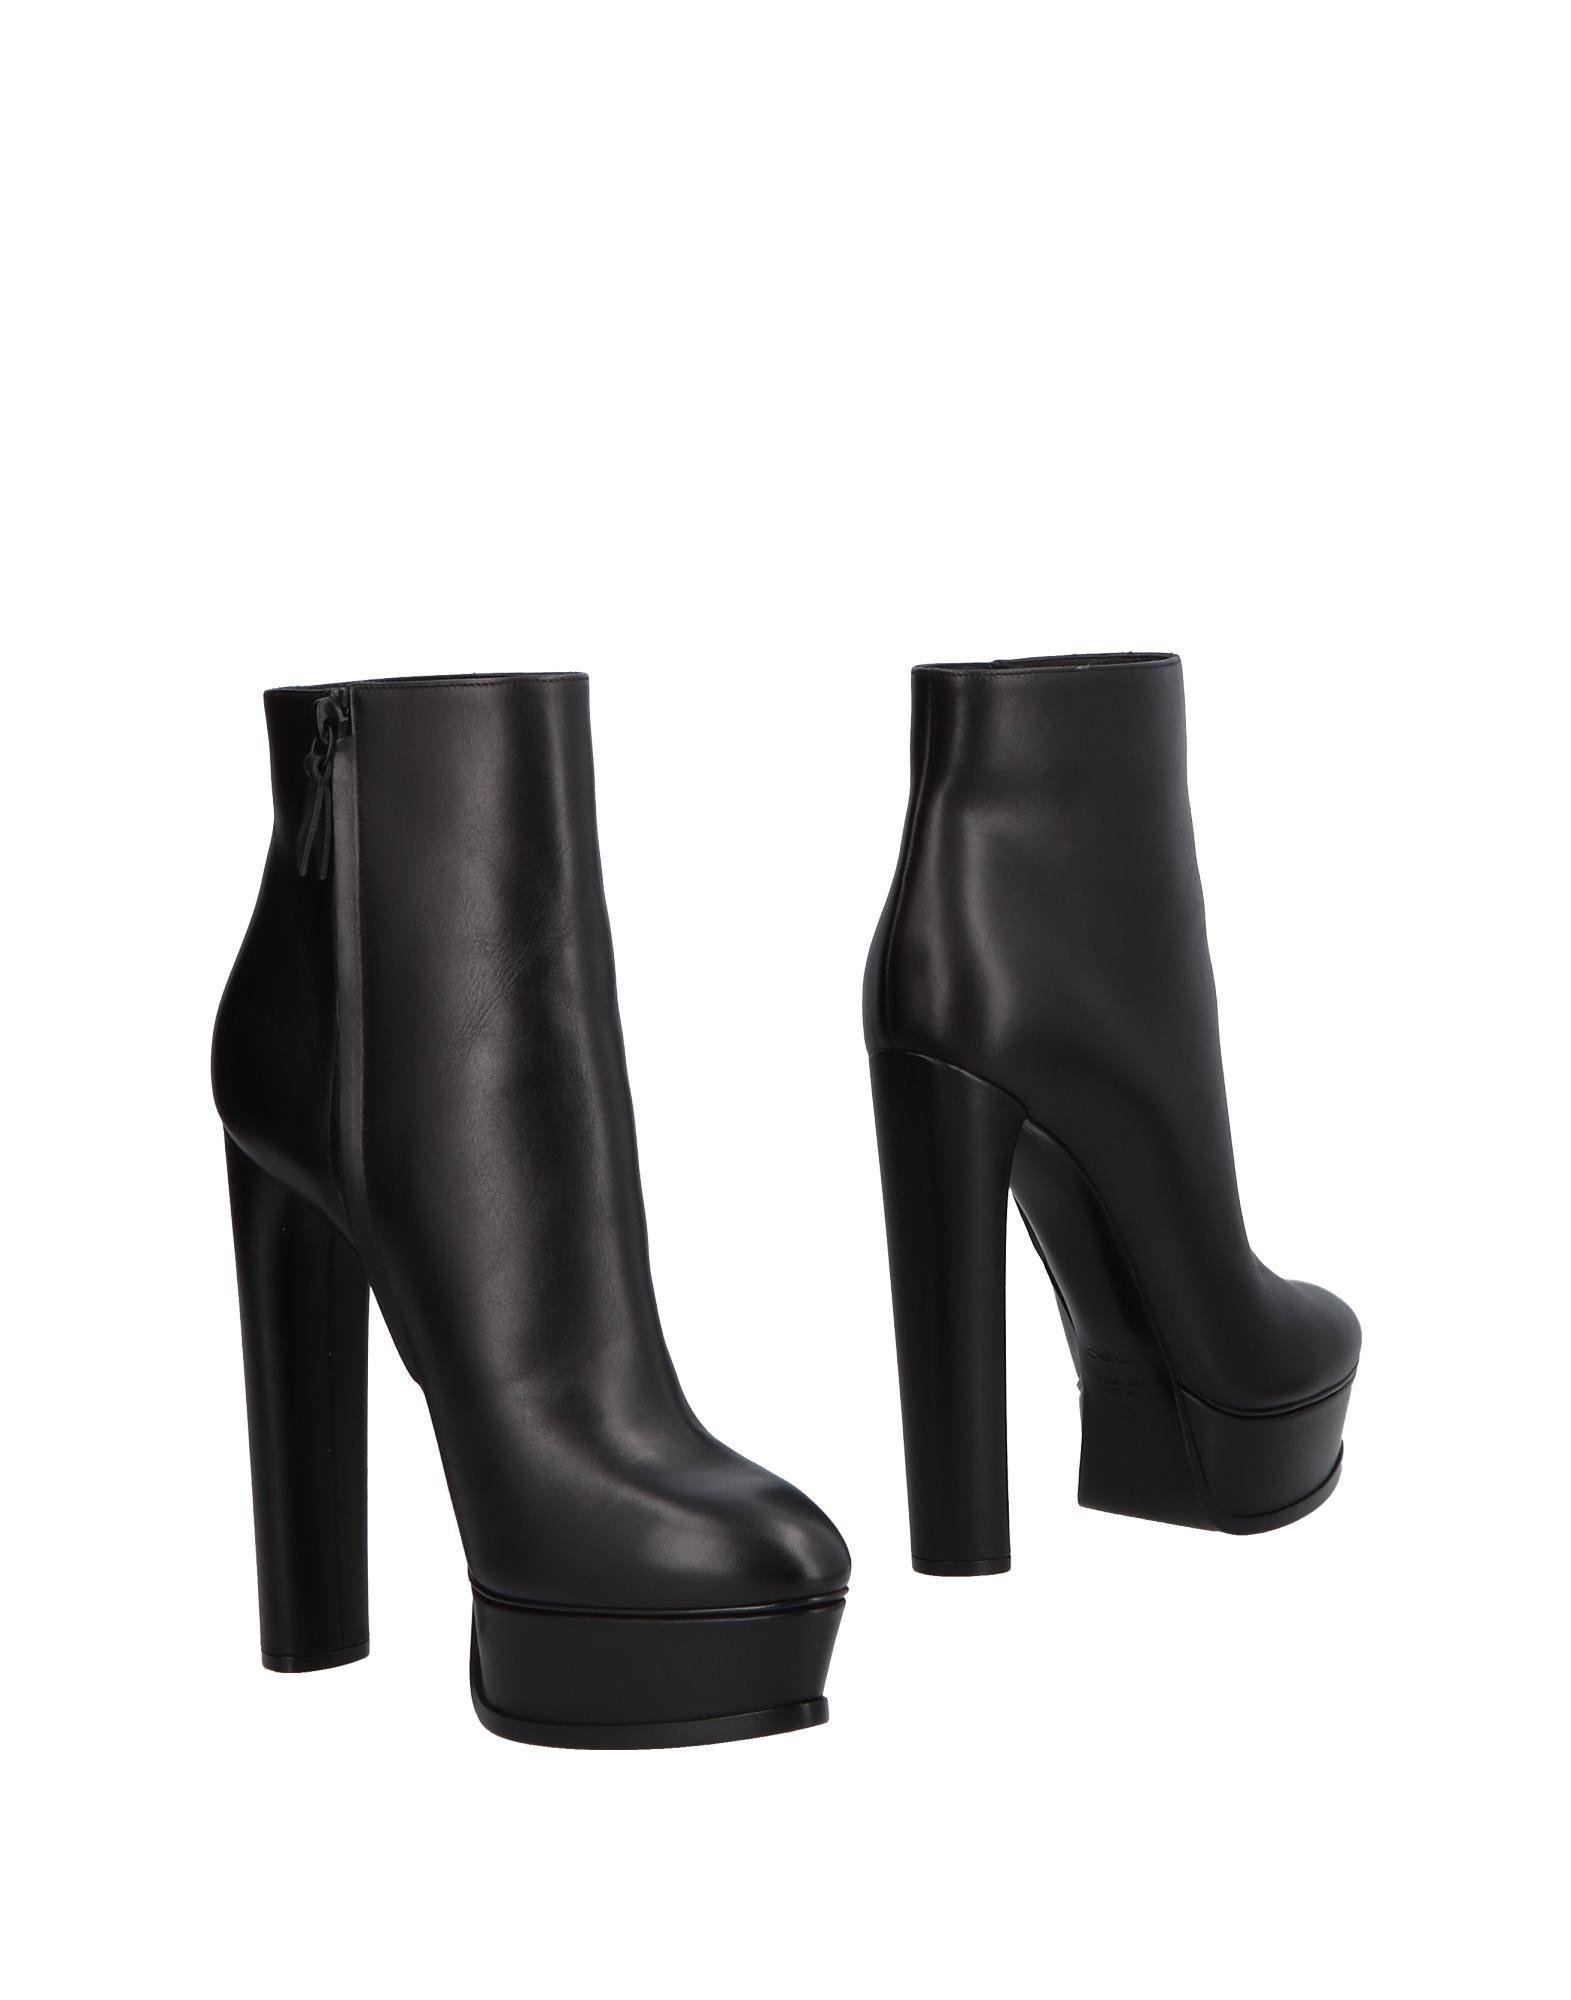 Casadei Stiefelette Damen  11496875PTGünstige Schuhe gut aussehende Schuhe 11496875PTGünstige 46905e